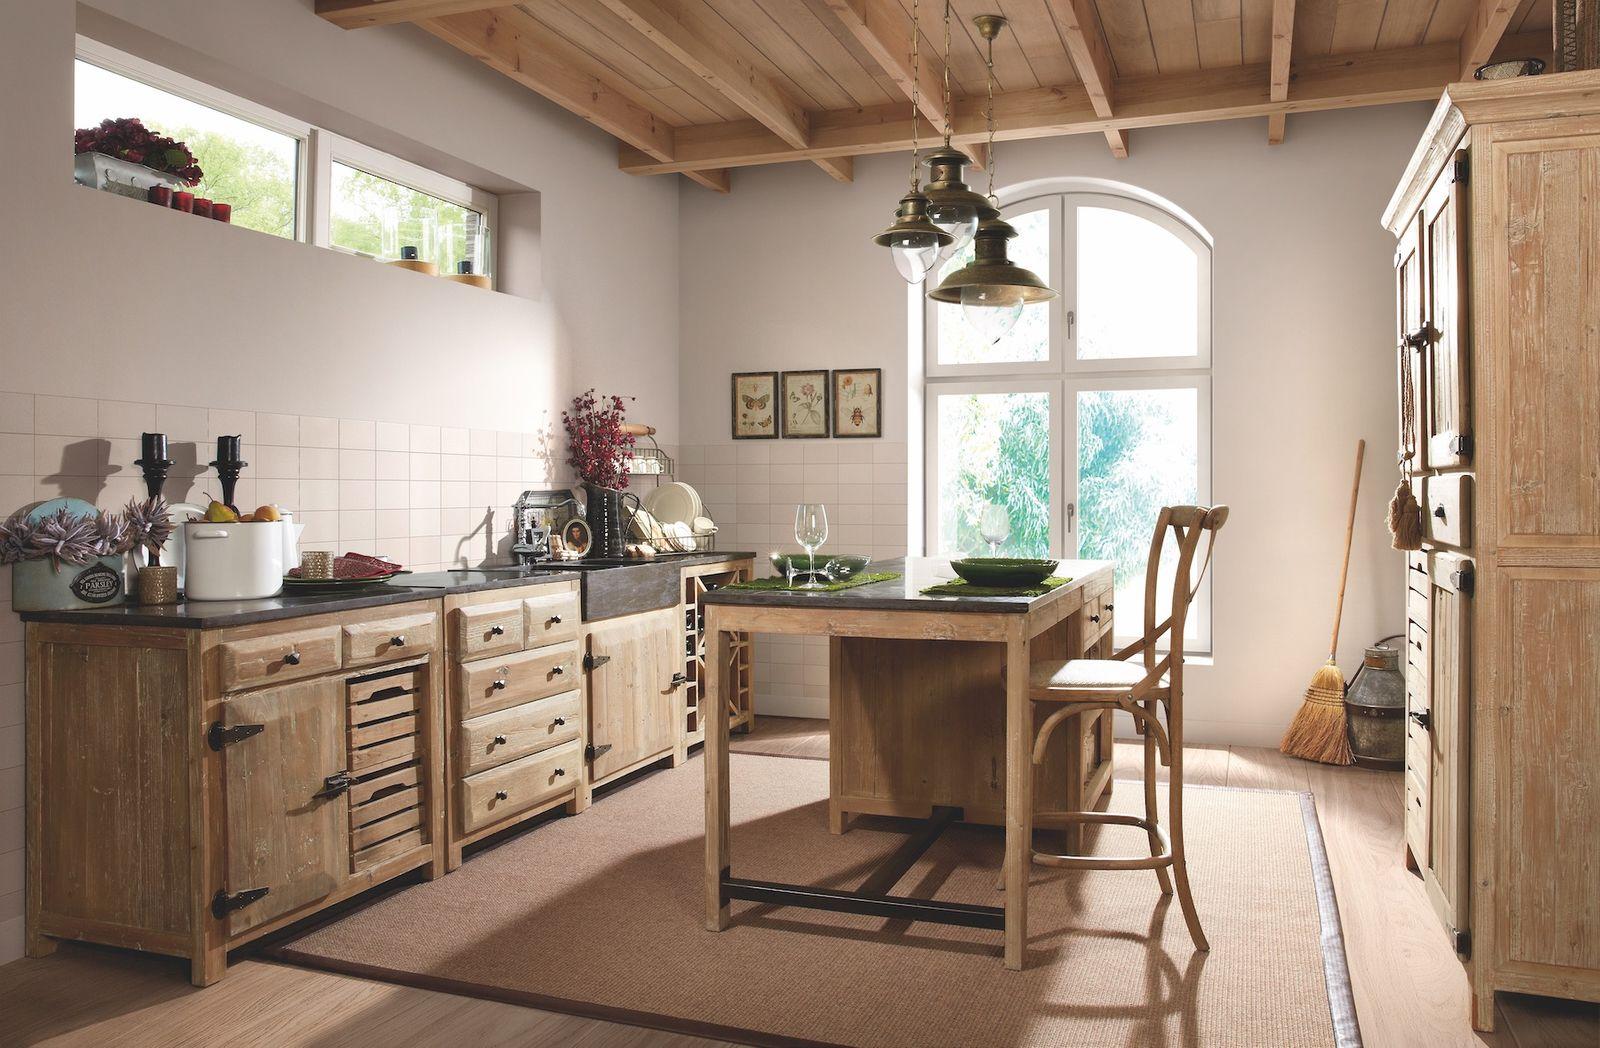 Full Size of Landhaus Küche Kaufen Landhaus Küche L Form Landhaus Küche Nolte Shabby Landhaus Küche Küche Landhaus Küche